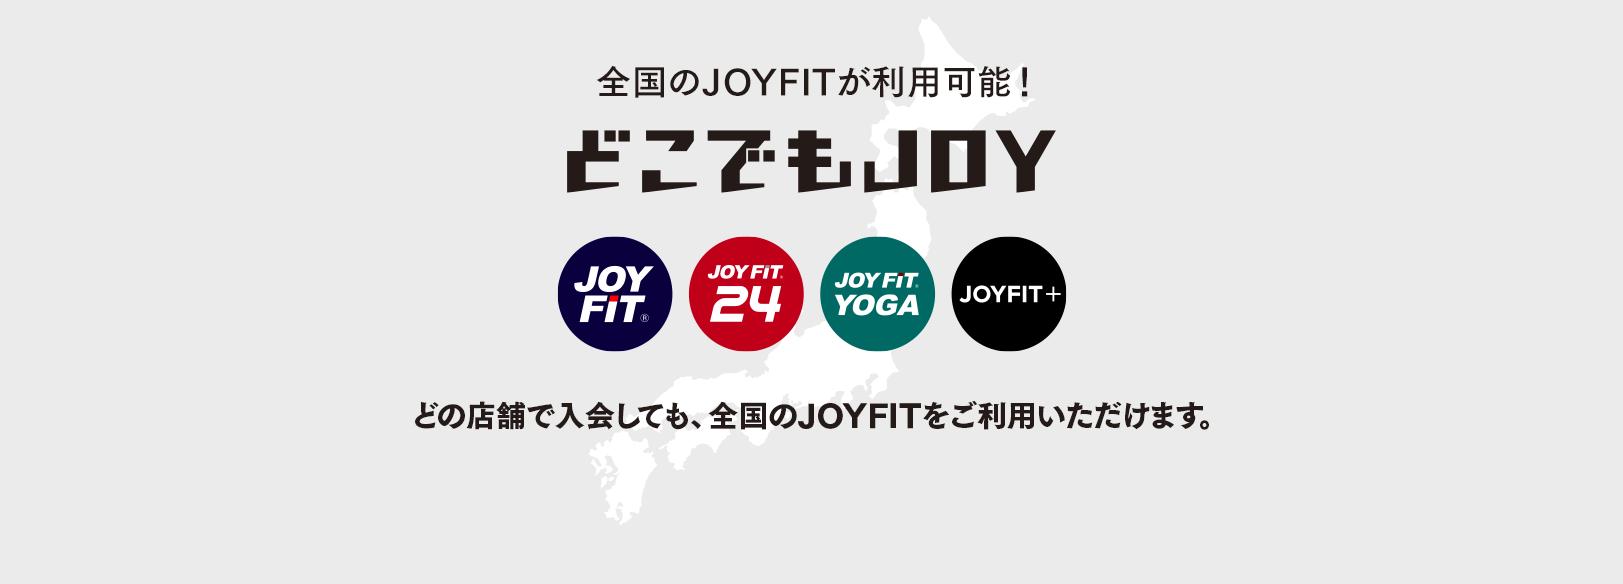 JOYFIT24吉祥寺の画像